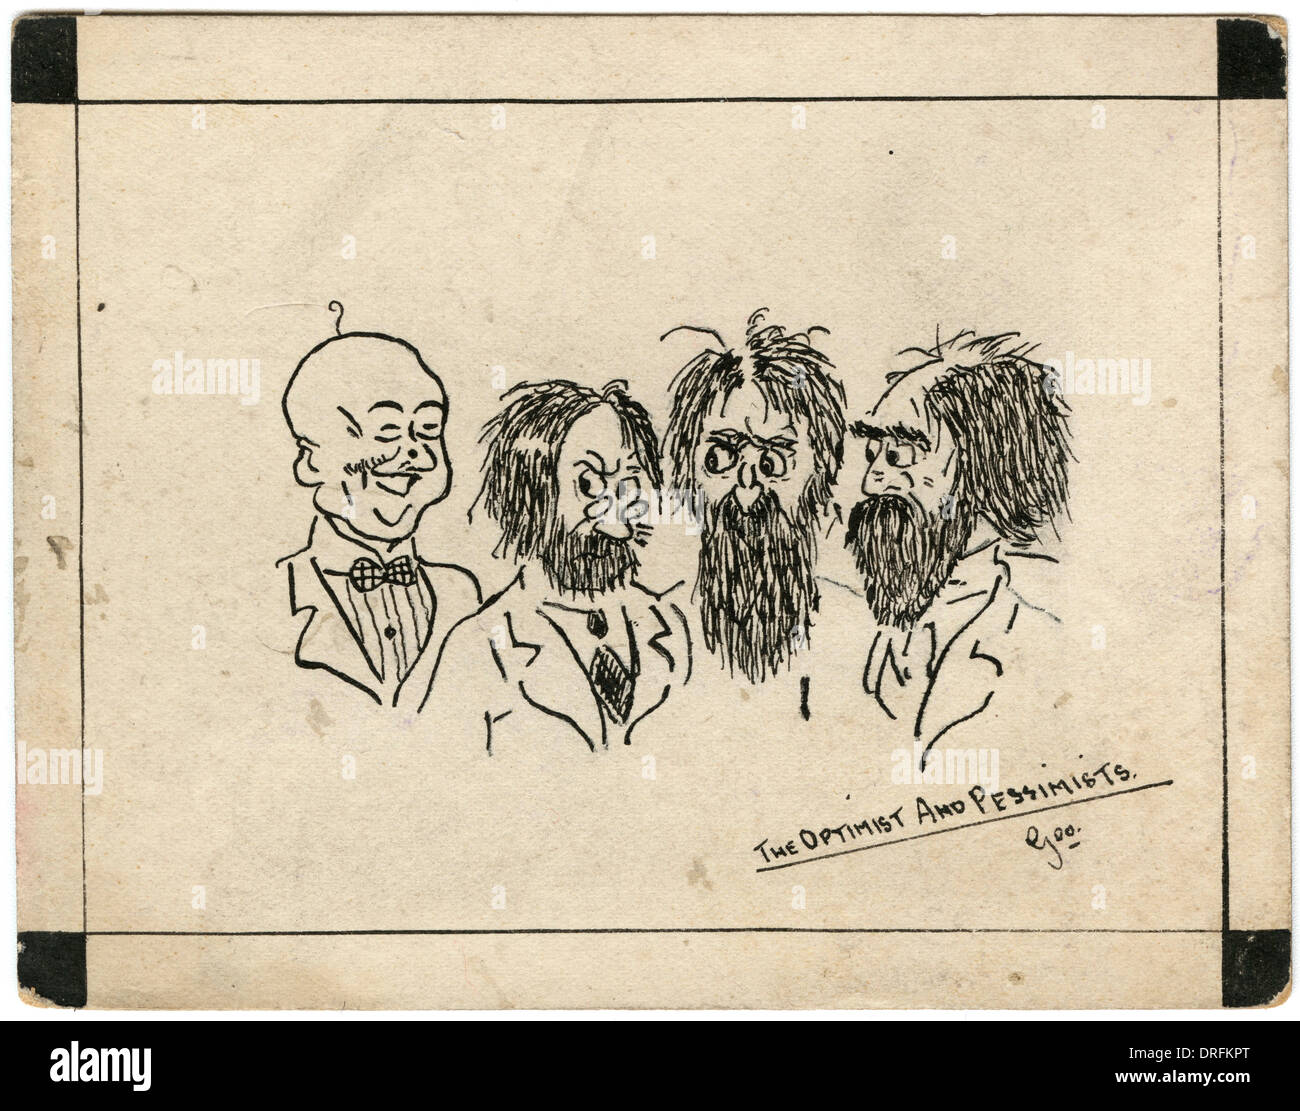 Optimist and pessimists - postcard by George Ranstead - Stock Image